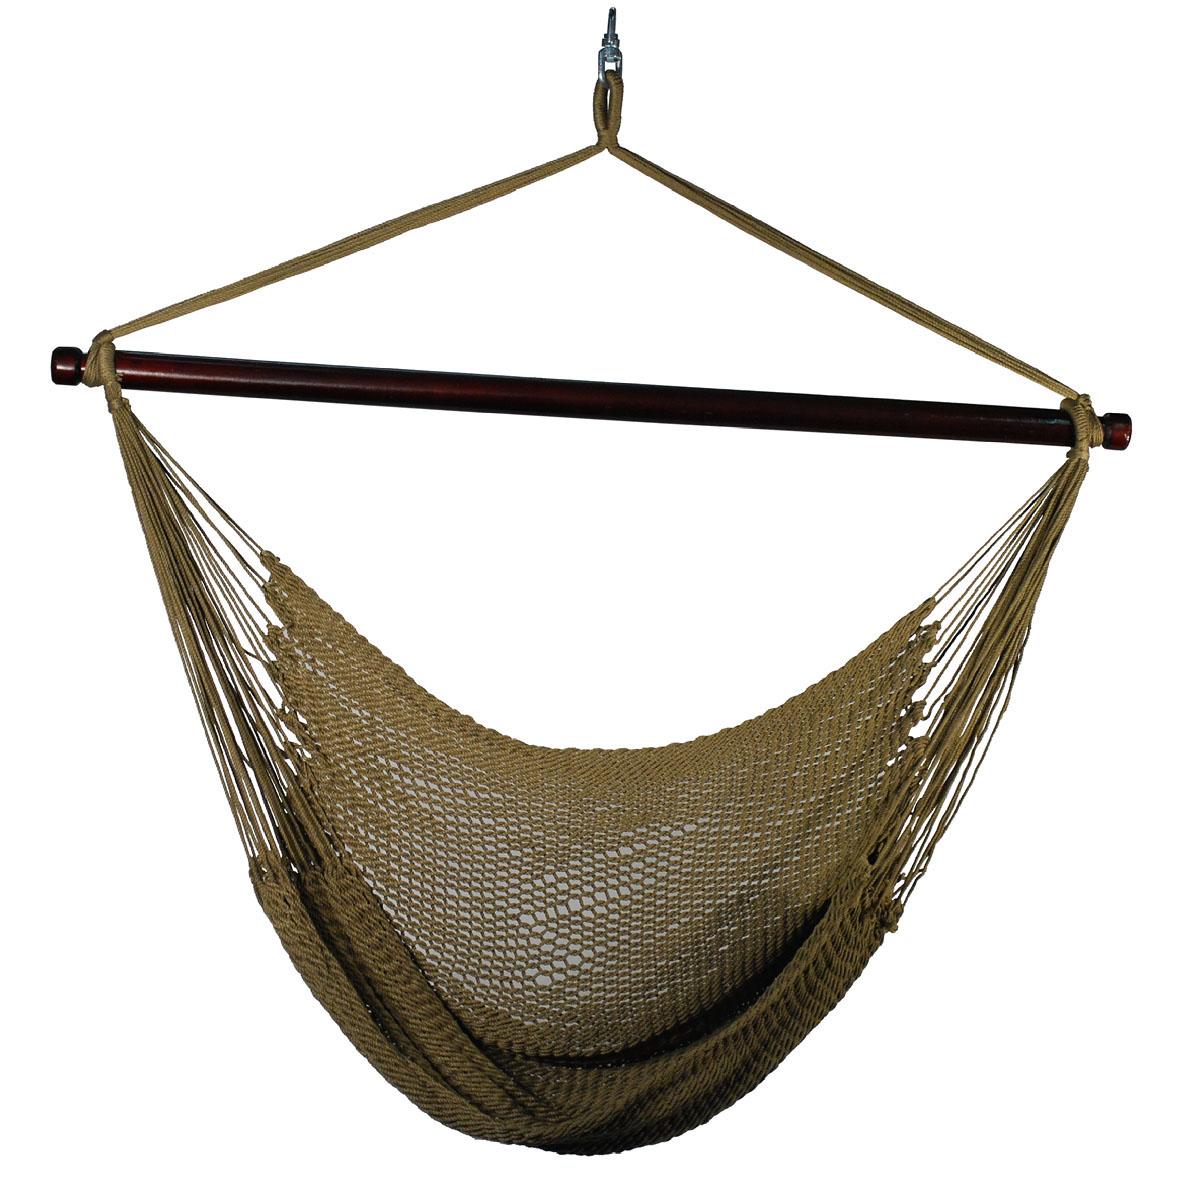 Hanging Caribbean Rope Chair - Tan